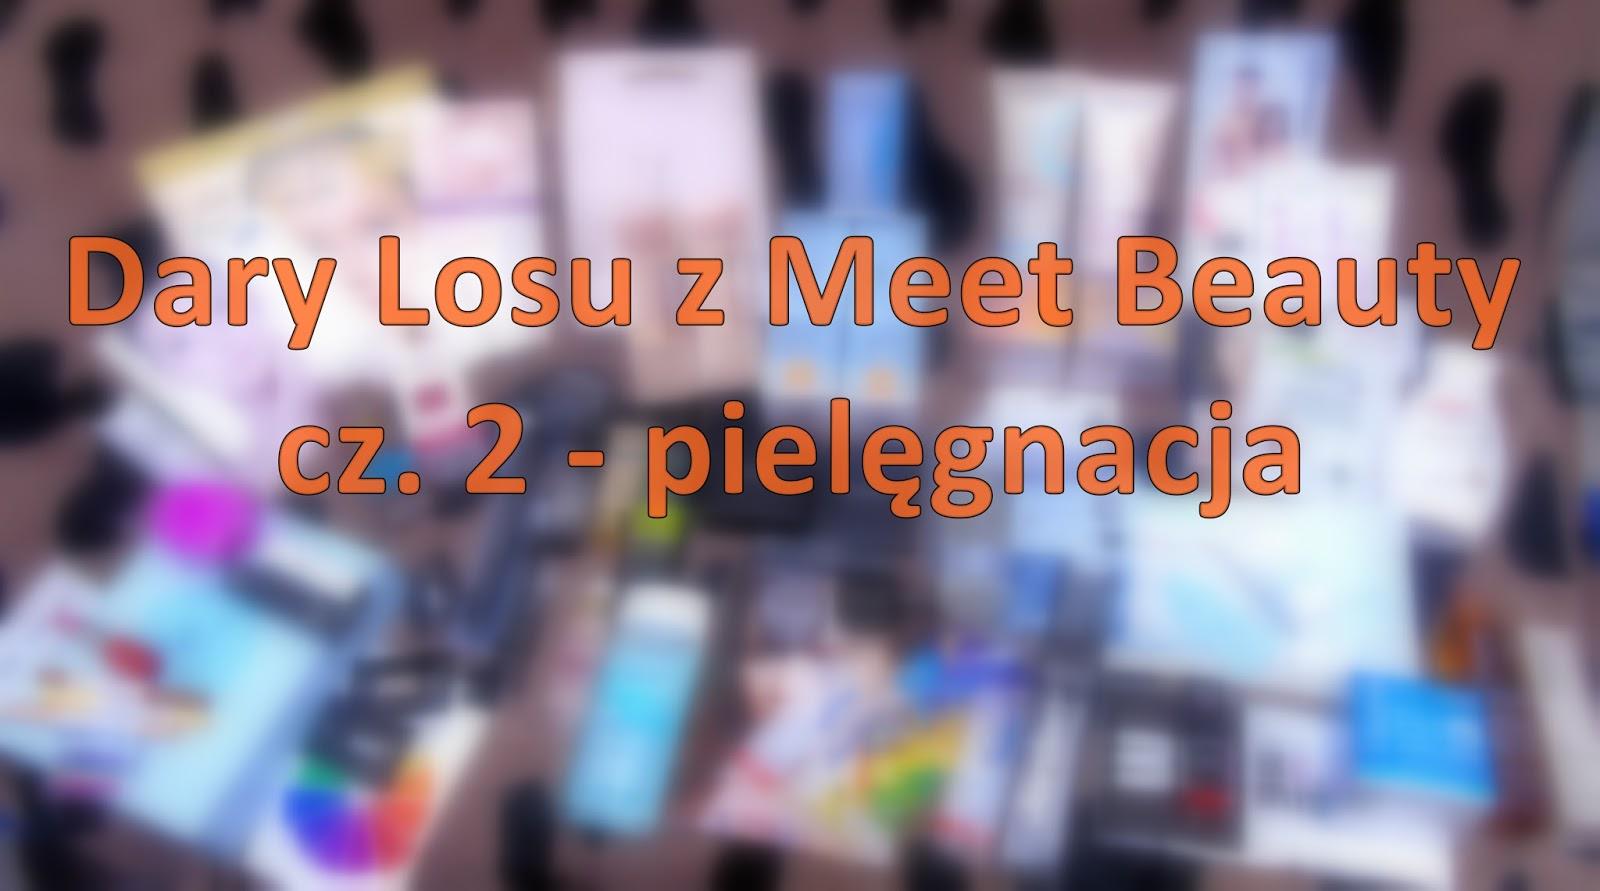 Meet Beauty 2017 - Dary losu cz.2 pielęgnacja